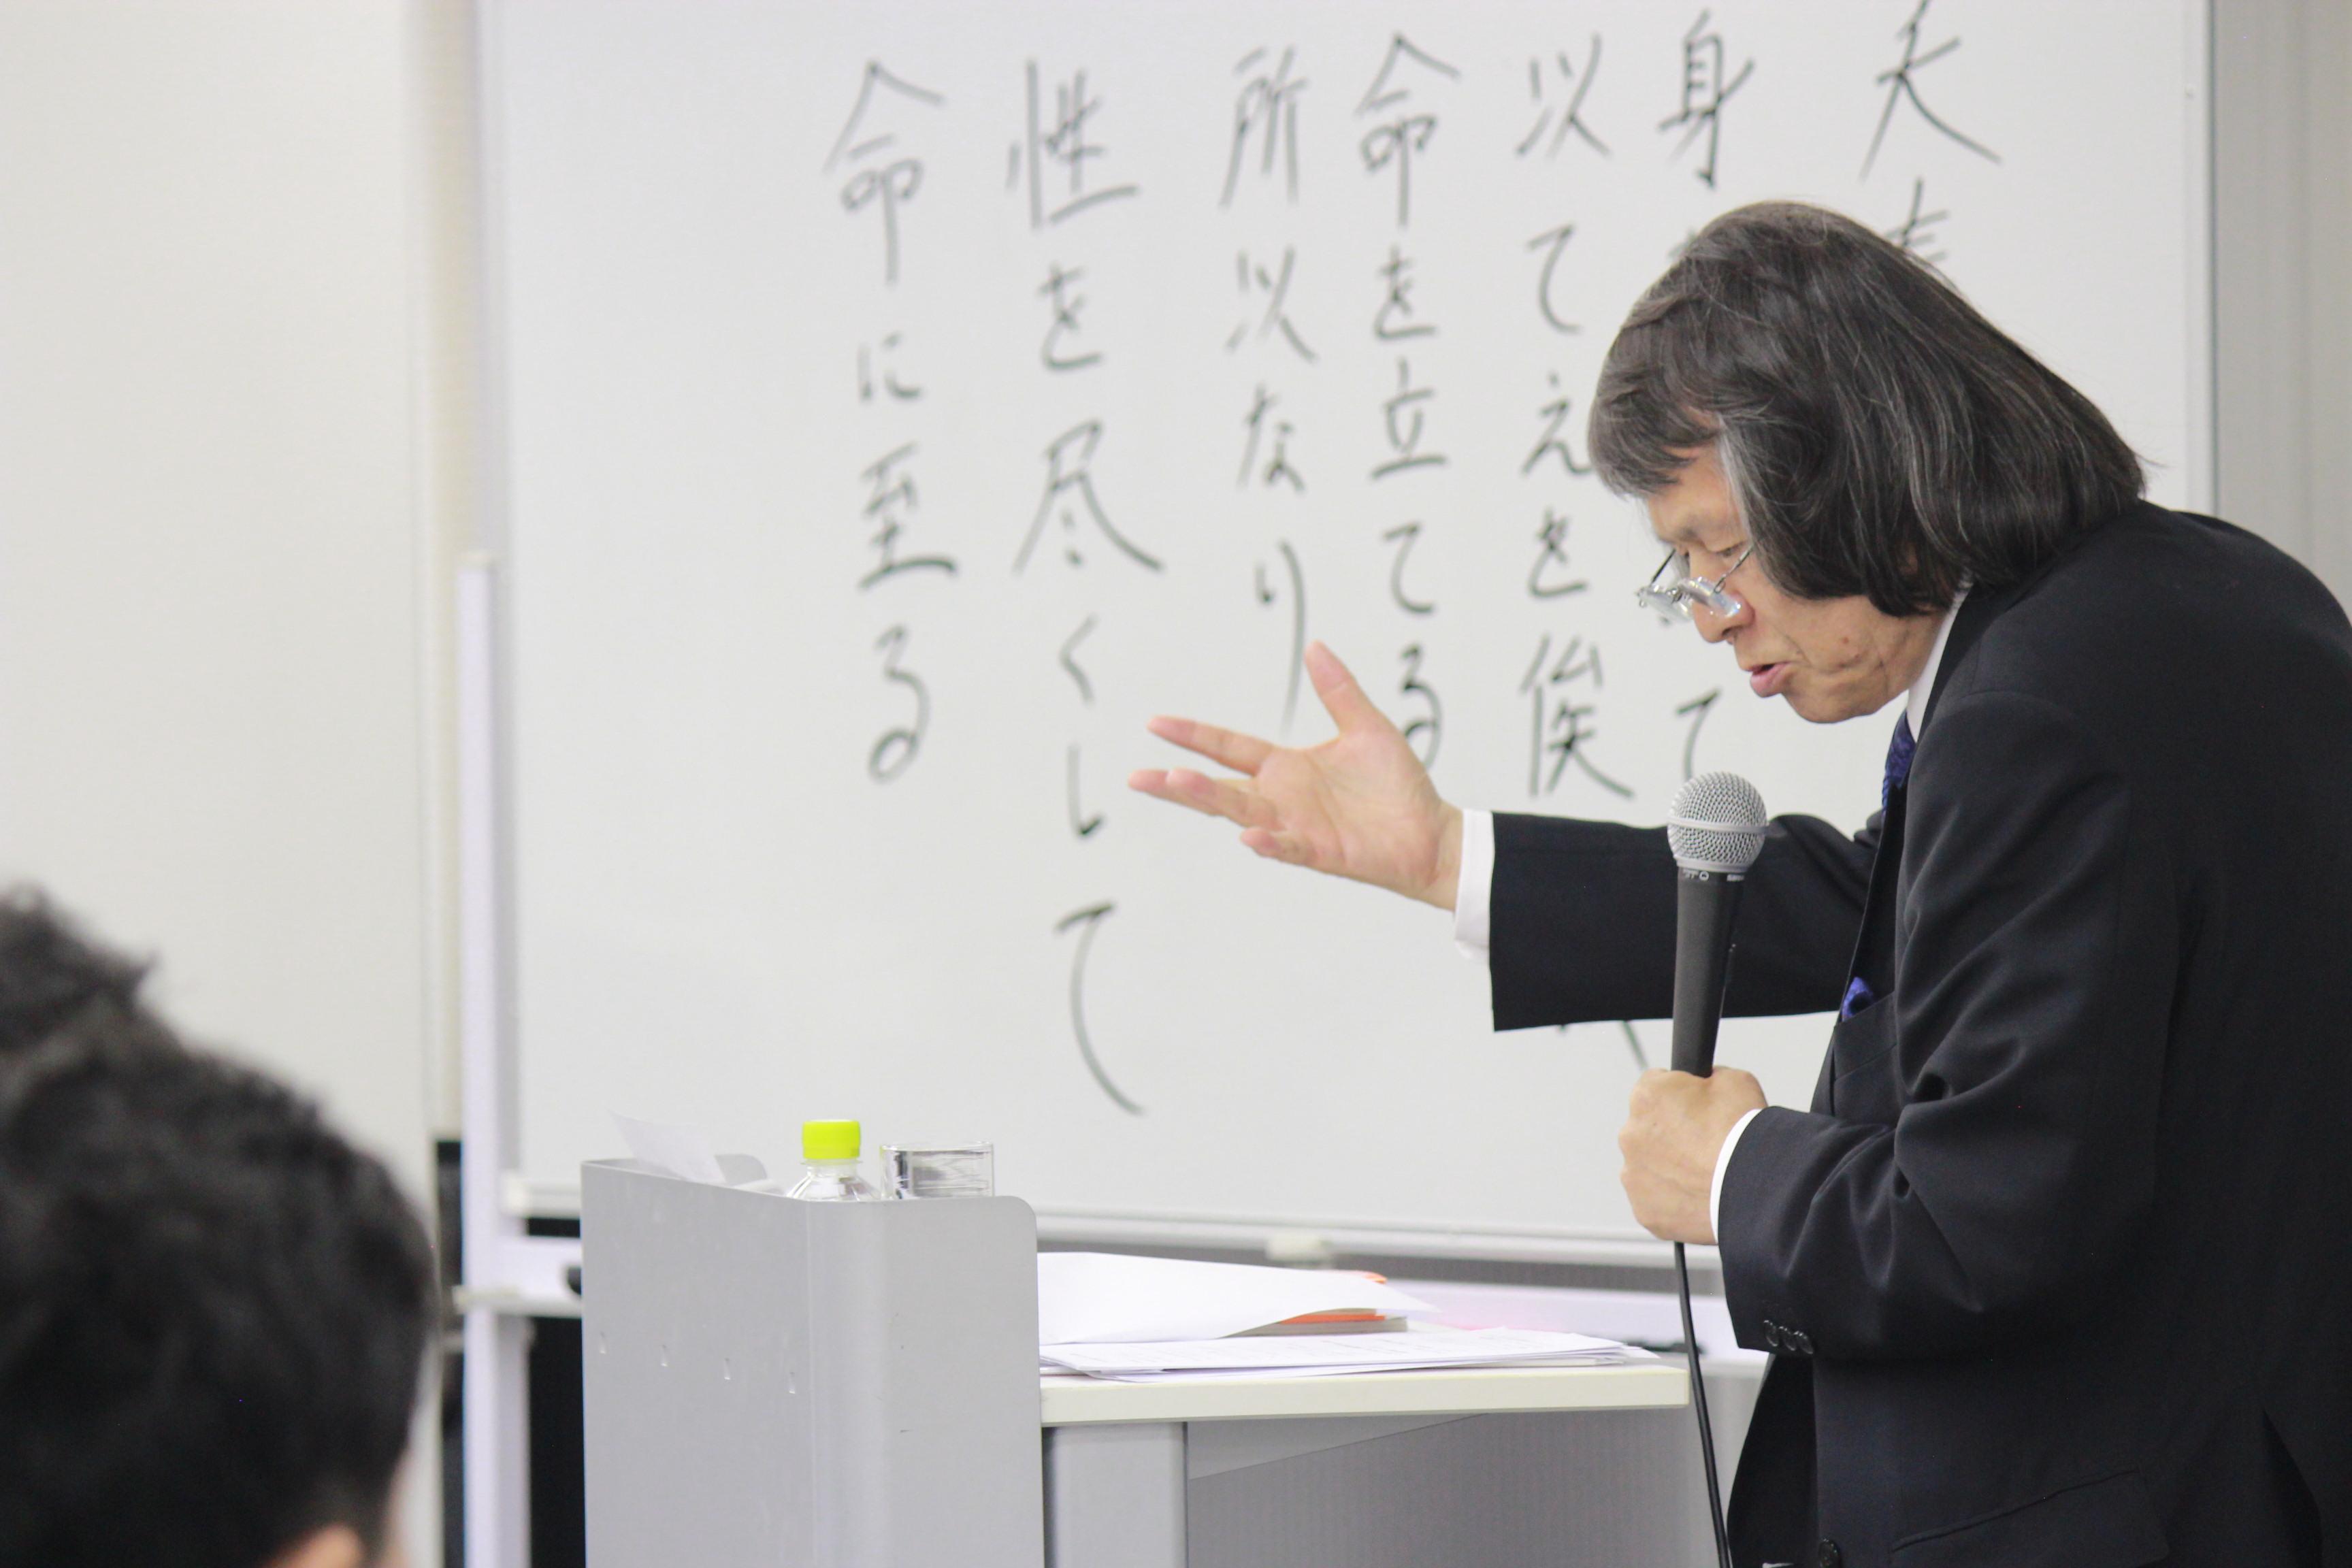 IMG 7845 - 7月20日関東若獅子の会